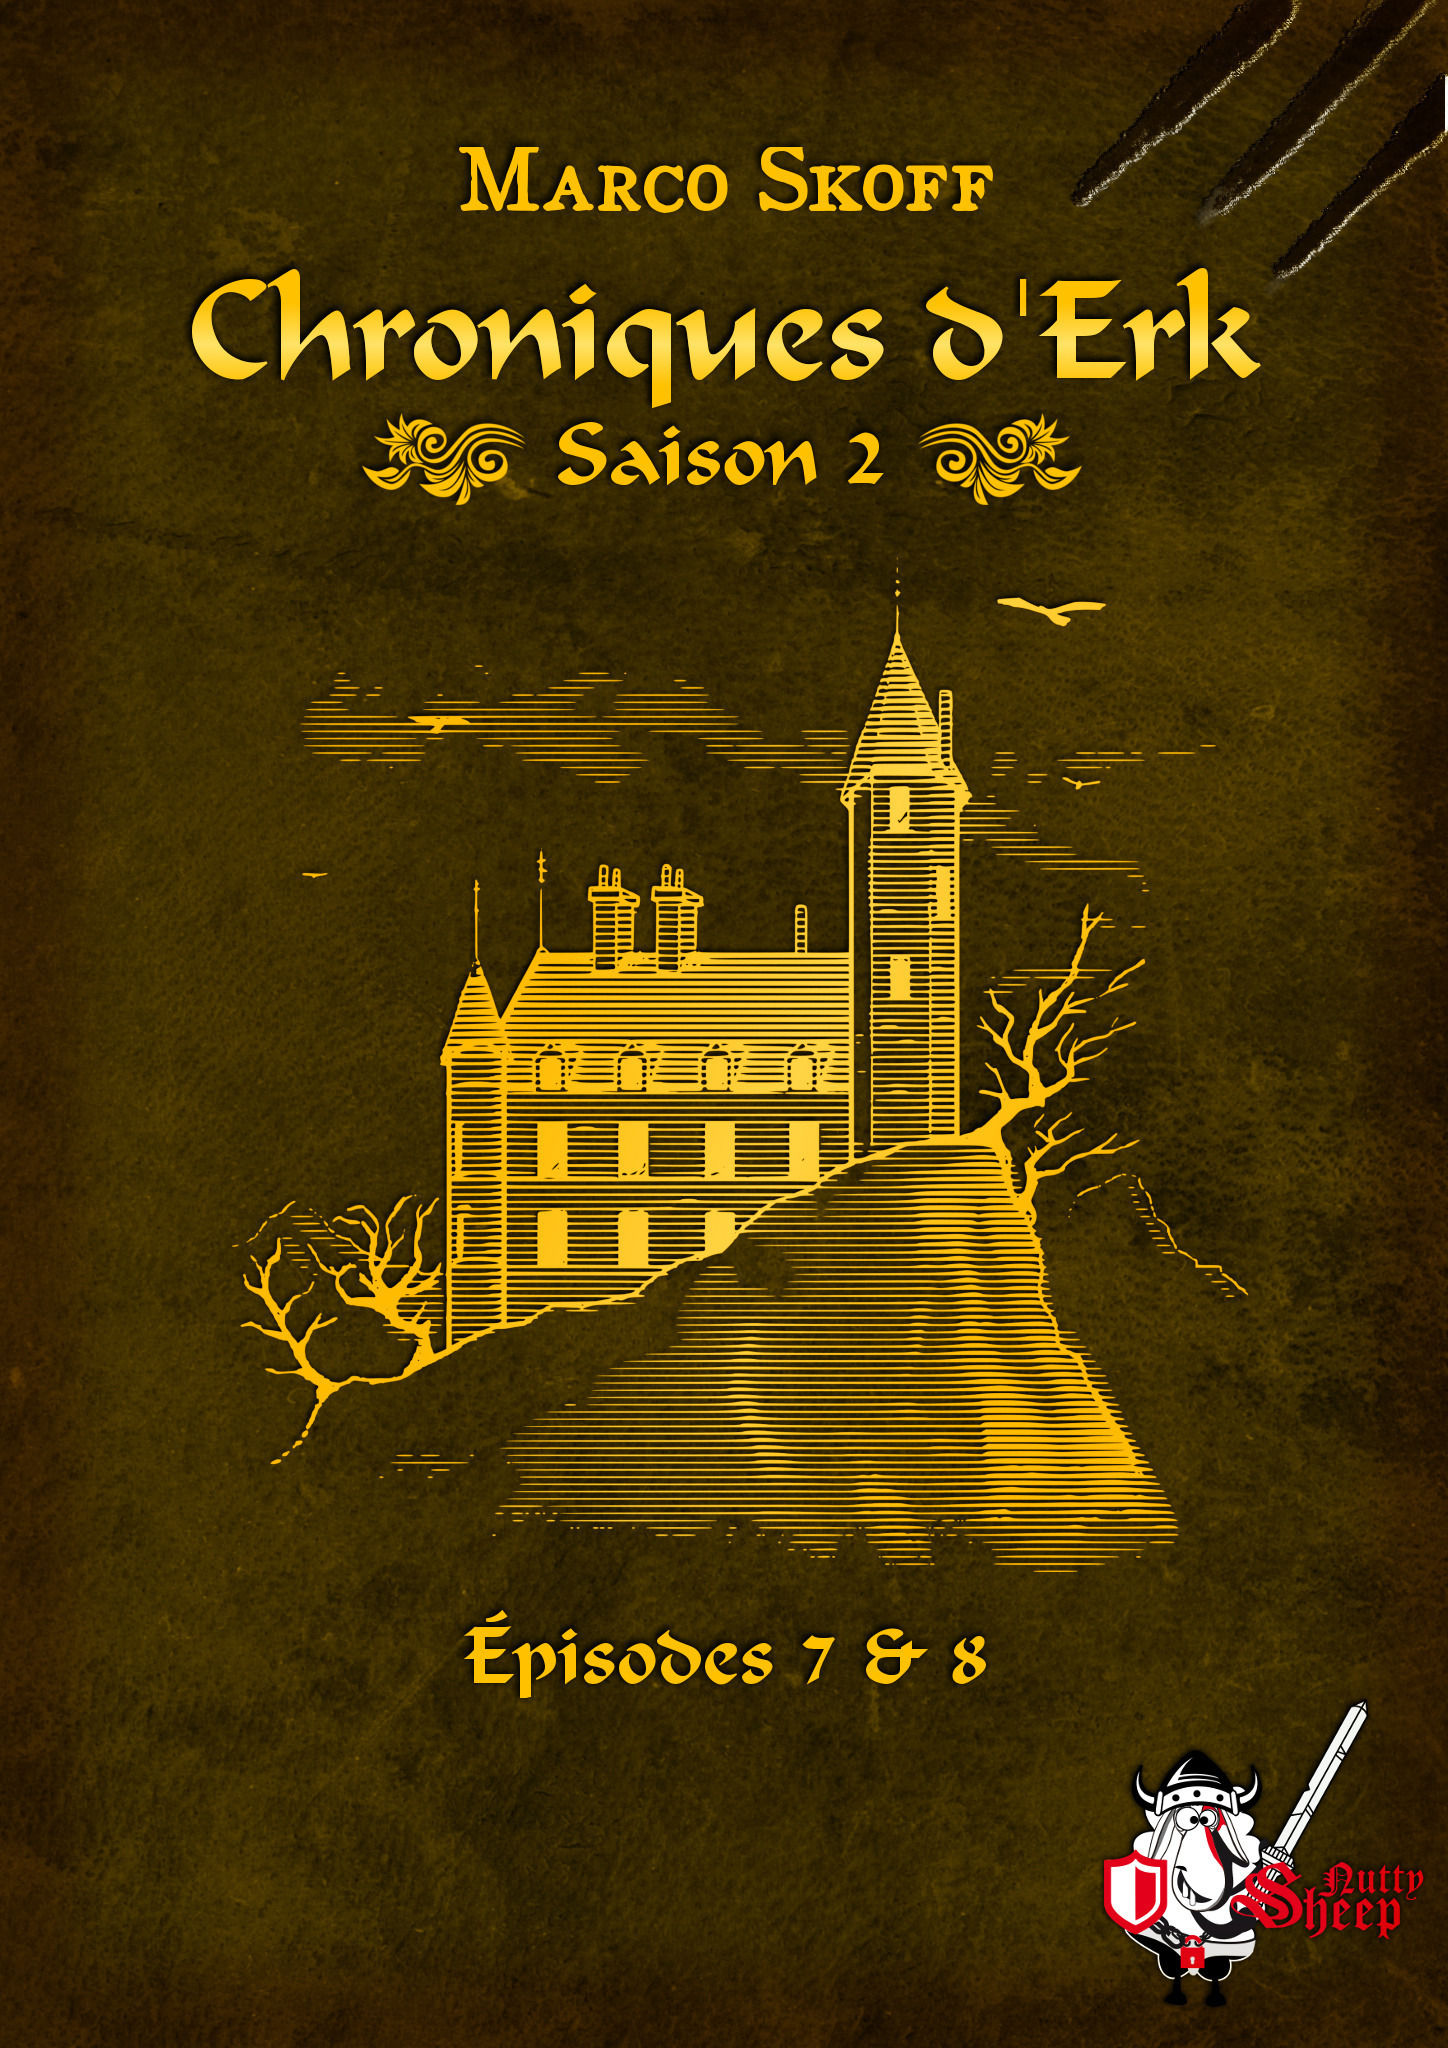 Chroniques d'Erk saison 2, épisodes 7 et 8  - Marco Skoff